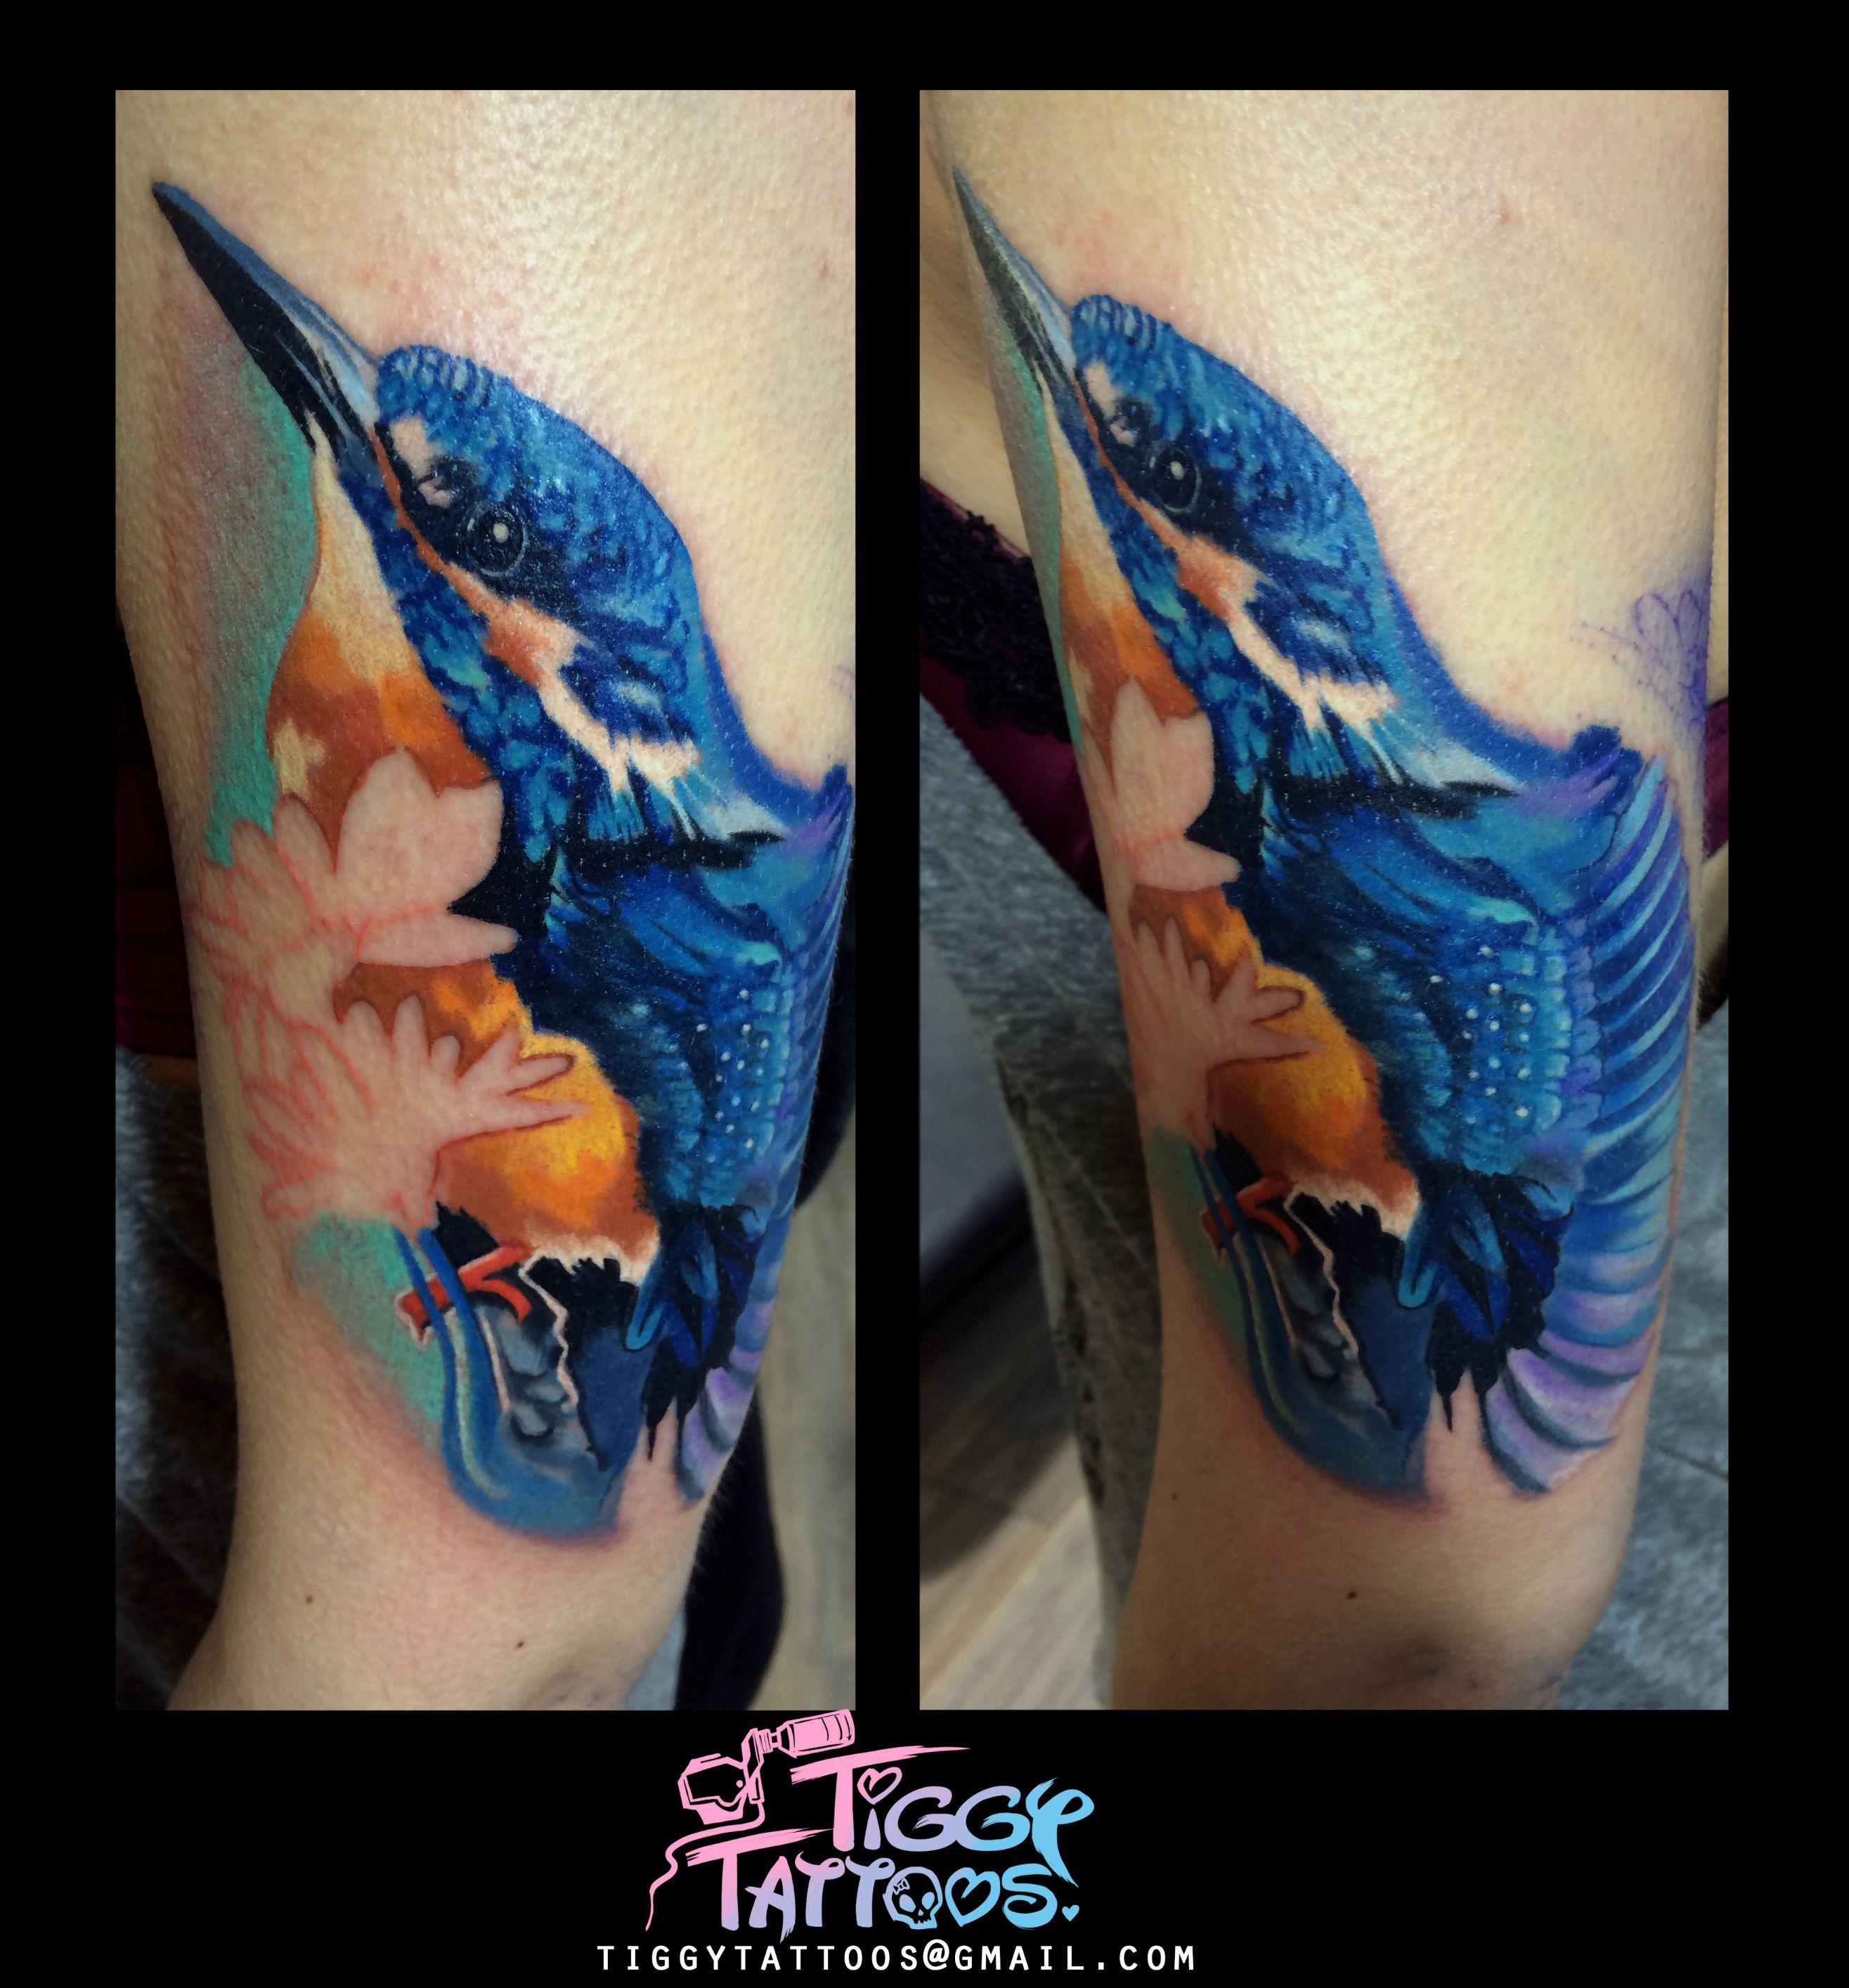 a1bc3b5b7 Tiggy Tattoos, @Kamil Tattoos, Archway North London. Kingfisher work in  progress.